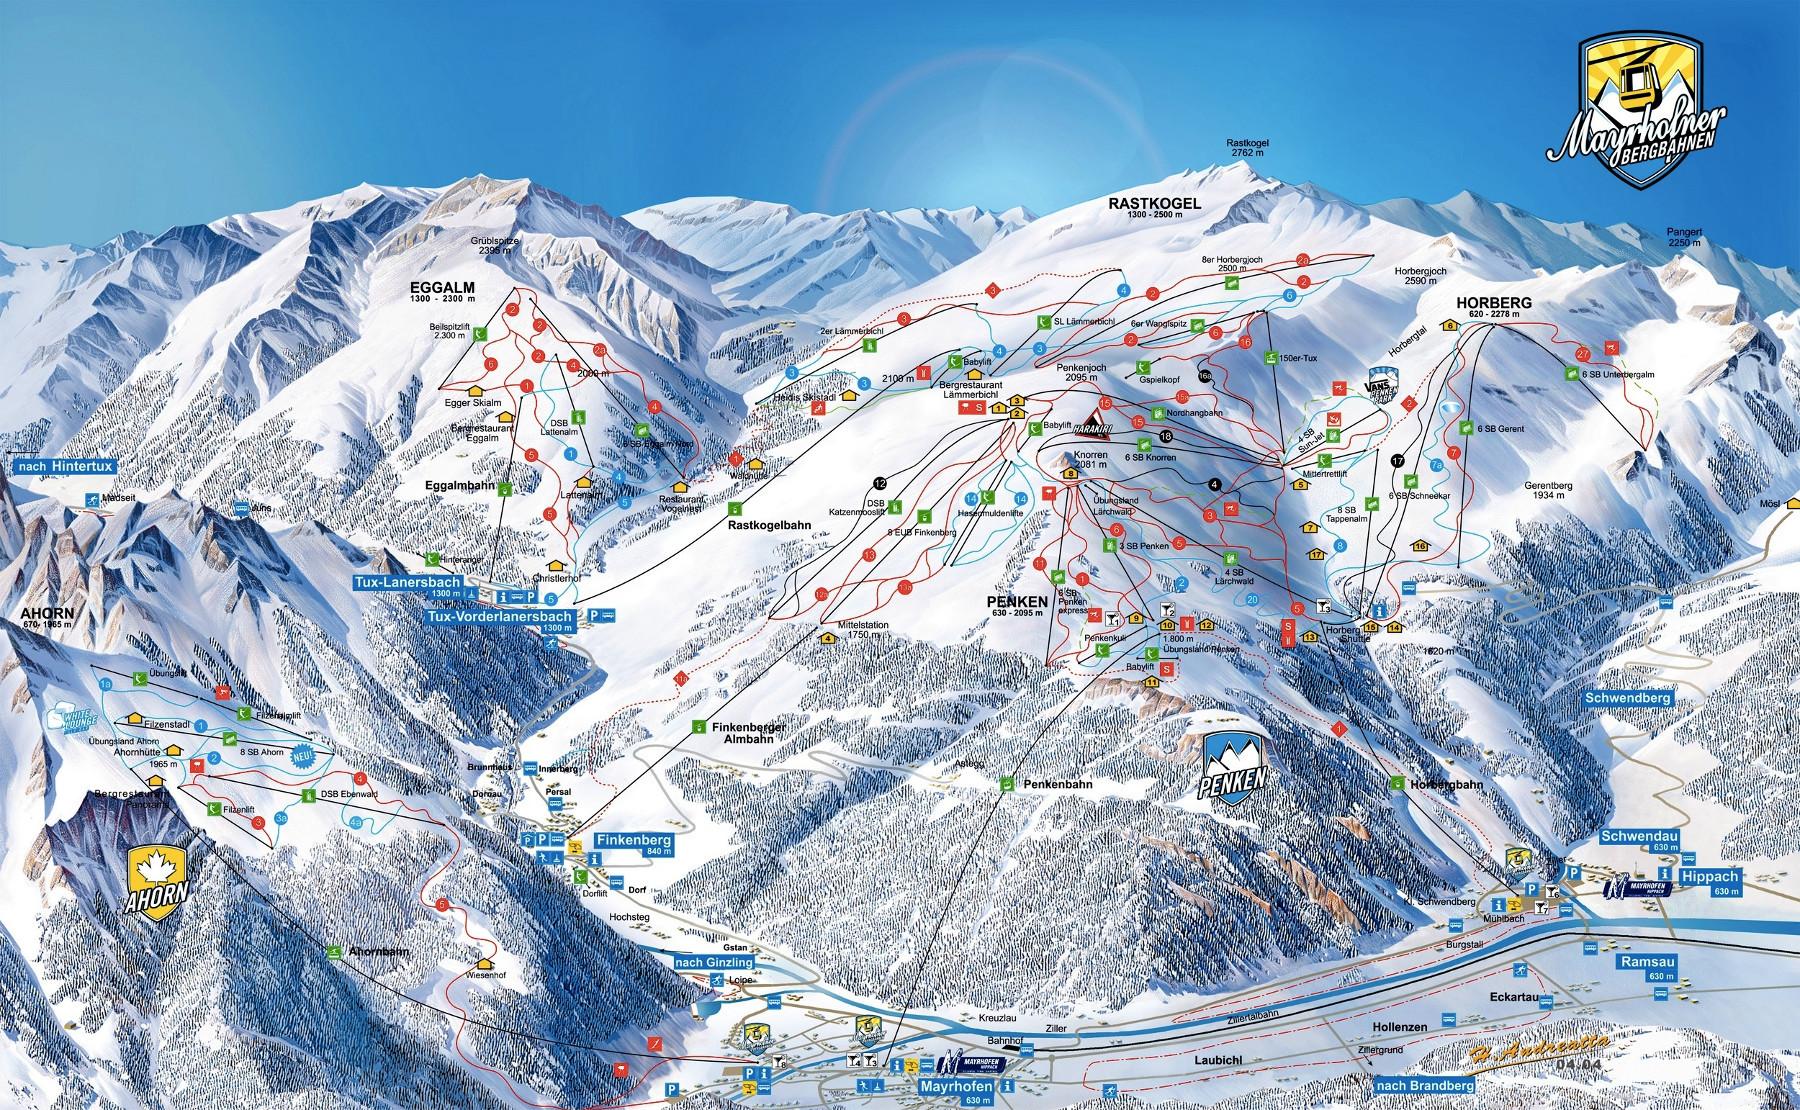 Lyžařská mapa sjezdovek areálu Mayrhofen (Ahorn a Penken)